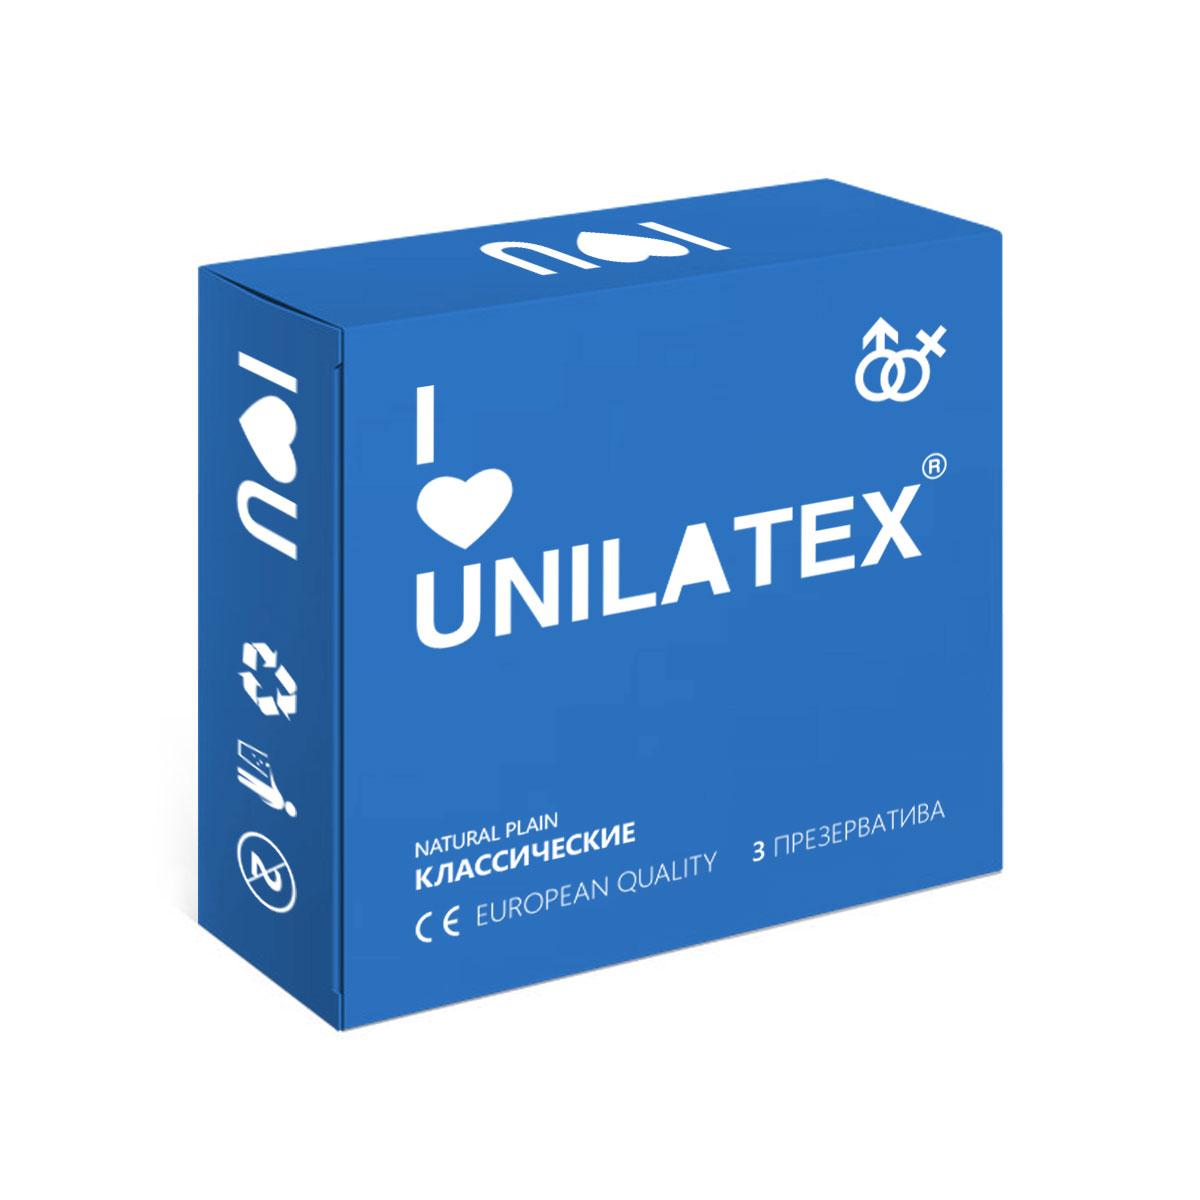 Презервативы Unilatex Natural Plain, 3 шт